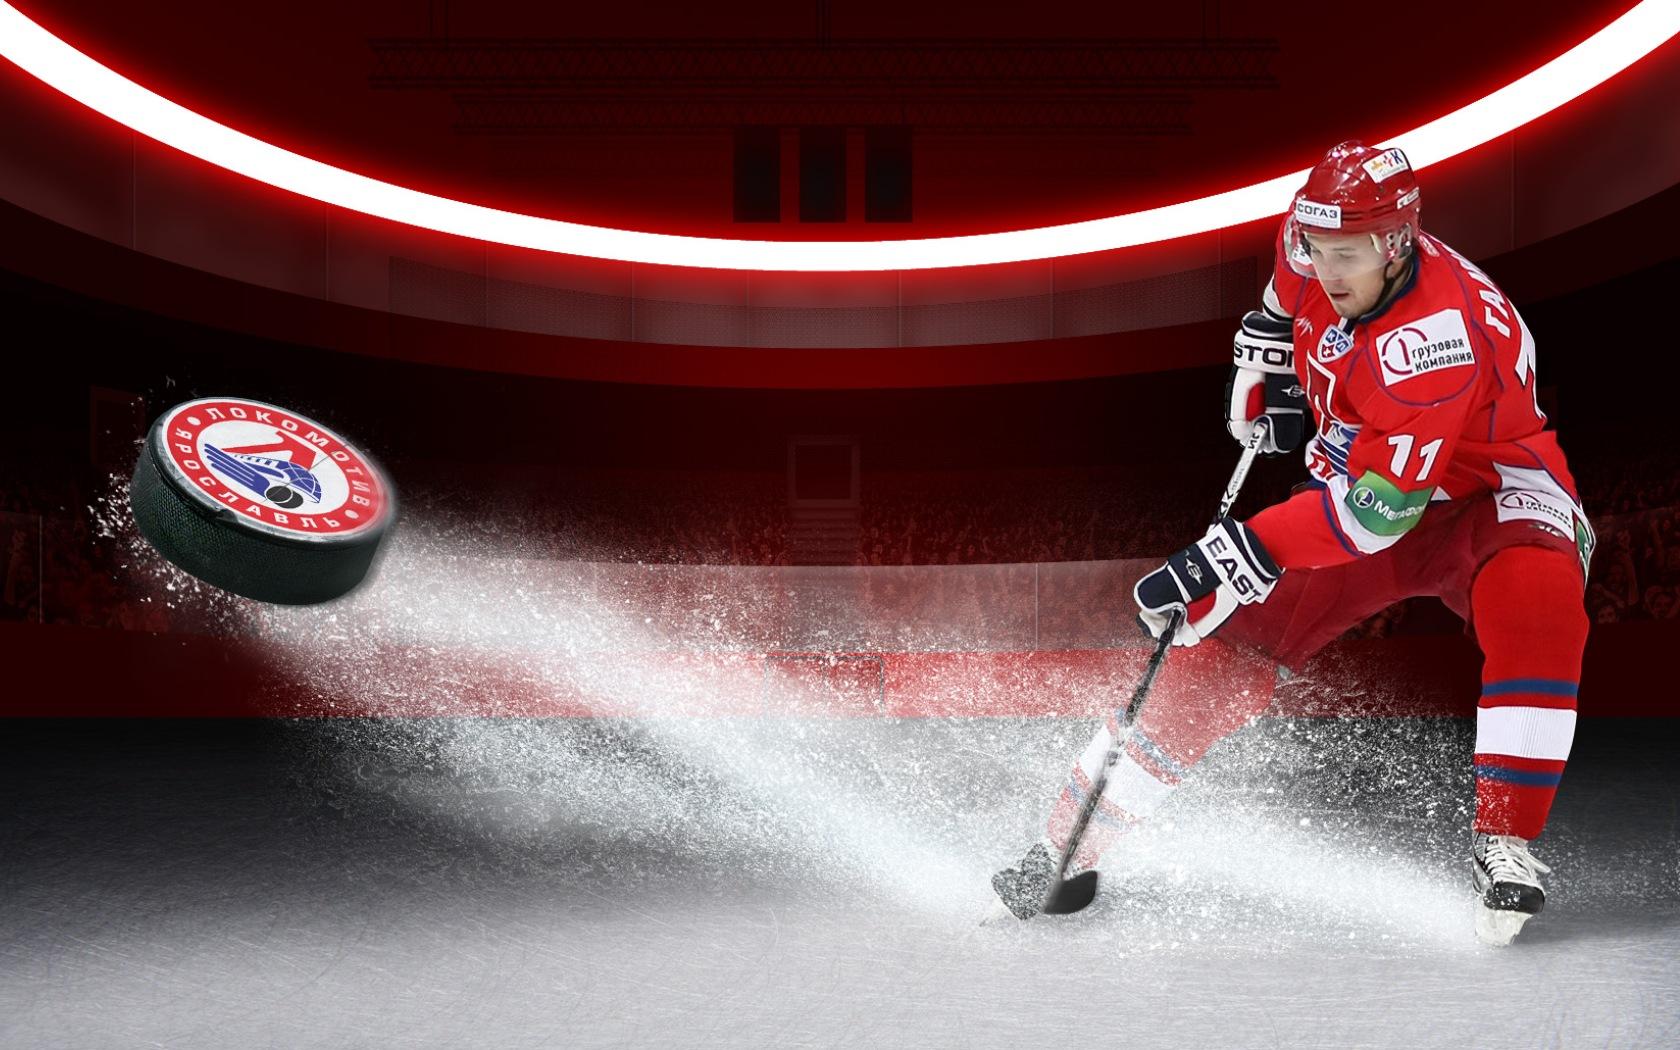 Хоккей, шайба, фото, обои для рабочего стола, скачать